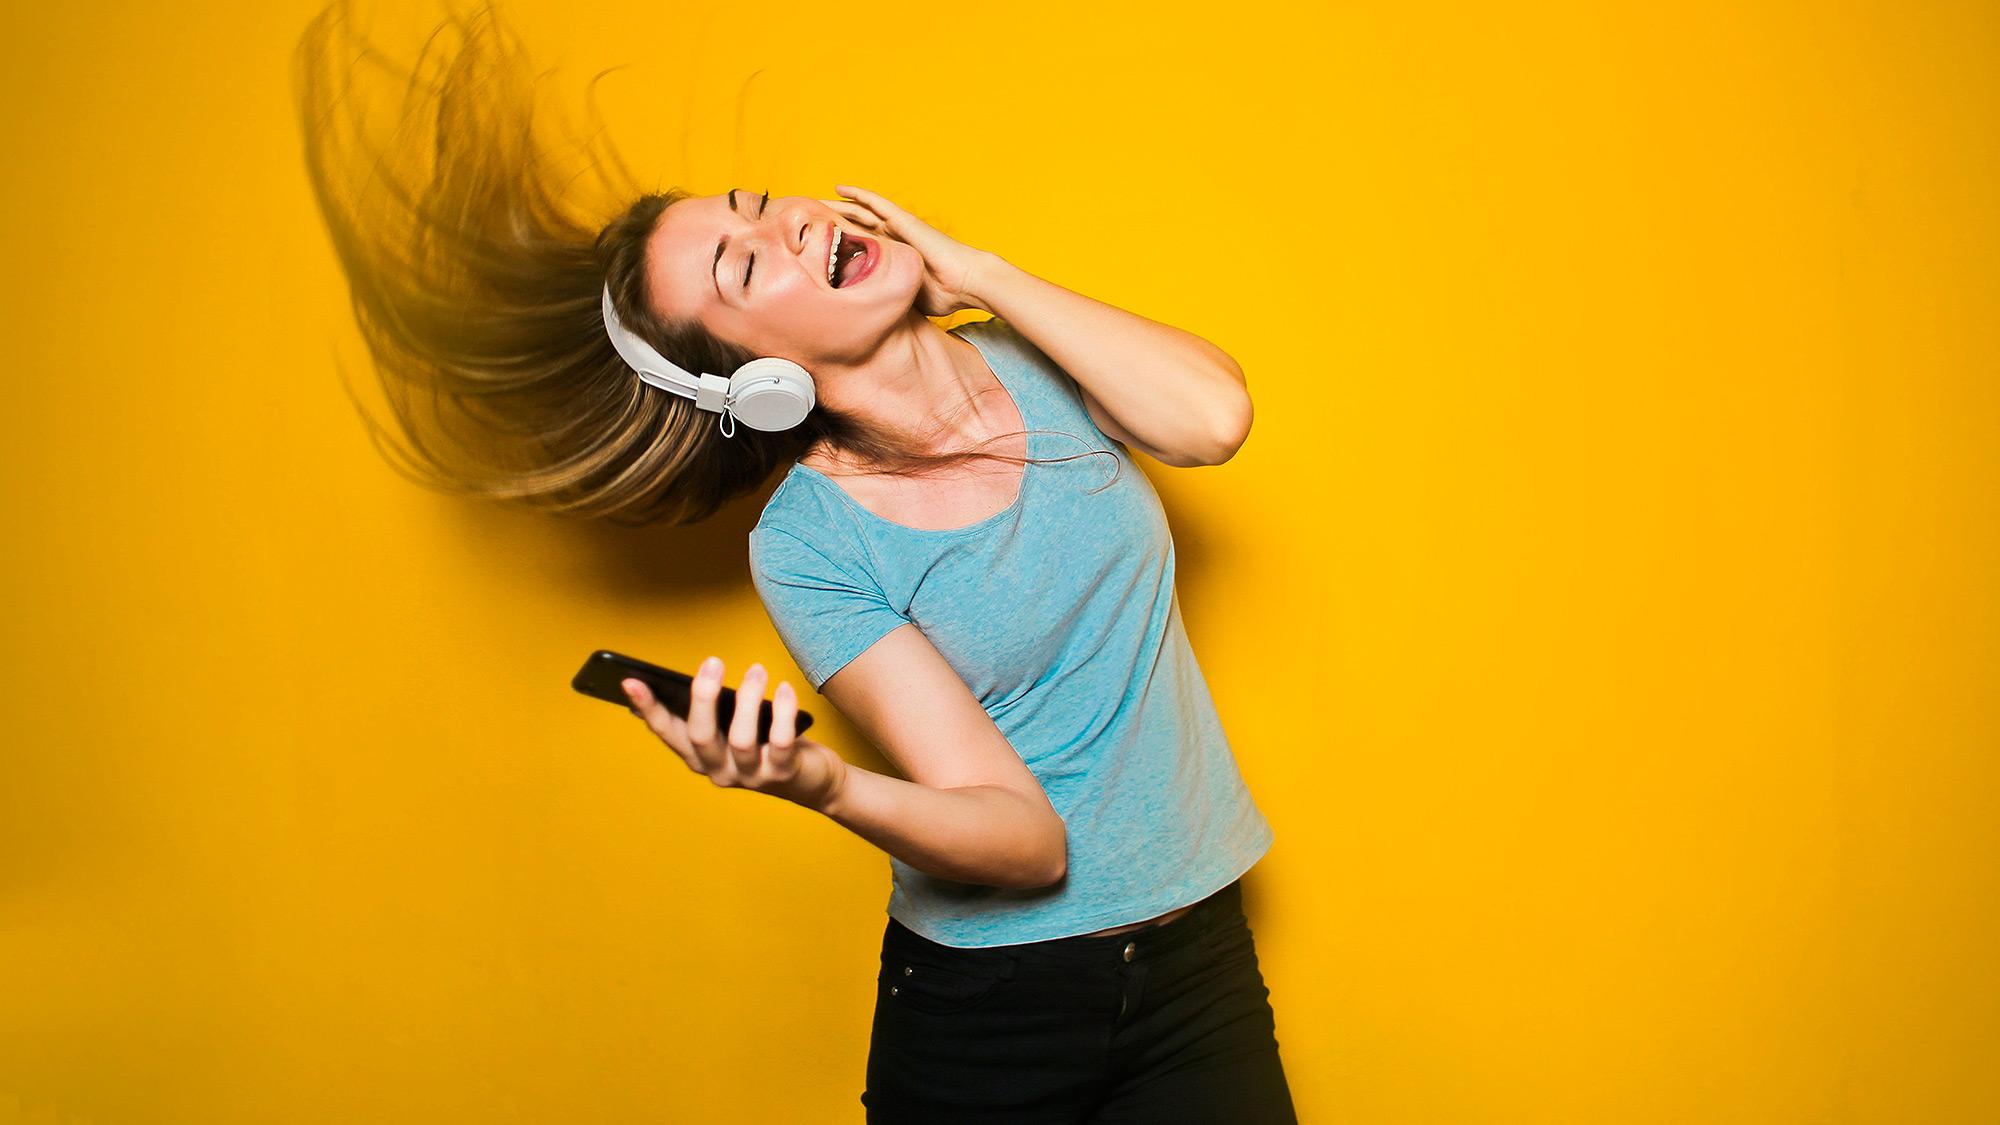 Música en streaming ya es principal fuente de ingresos de la industria